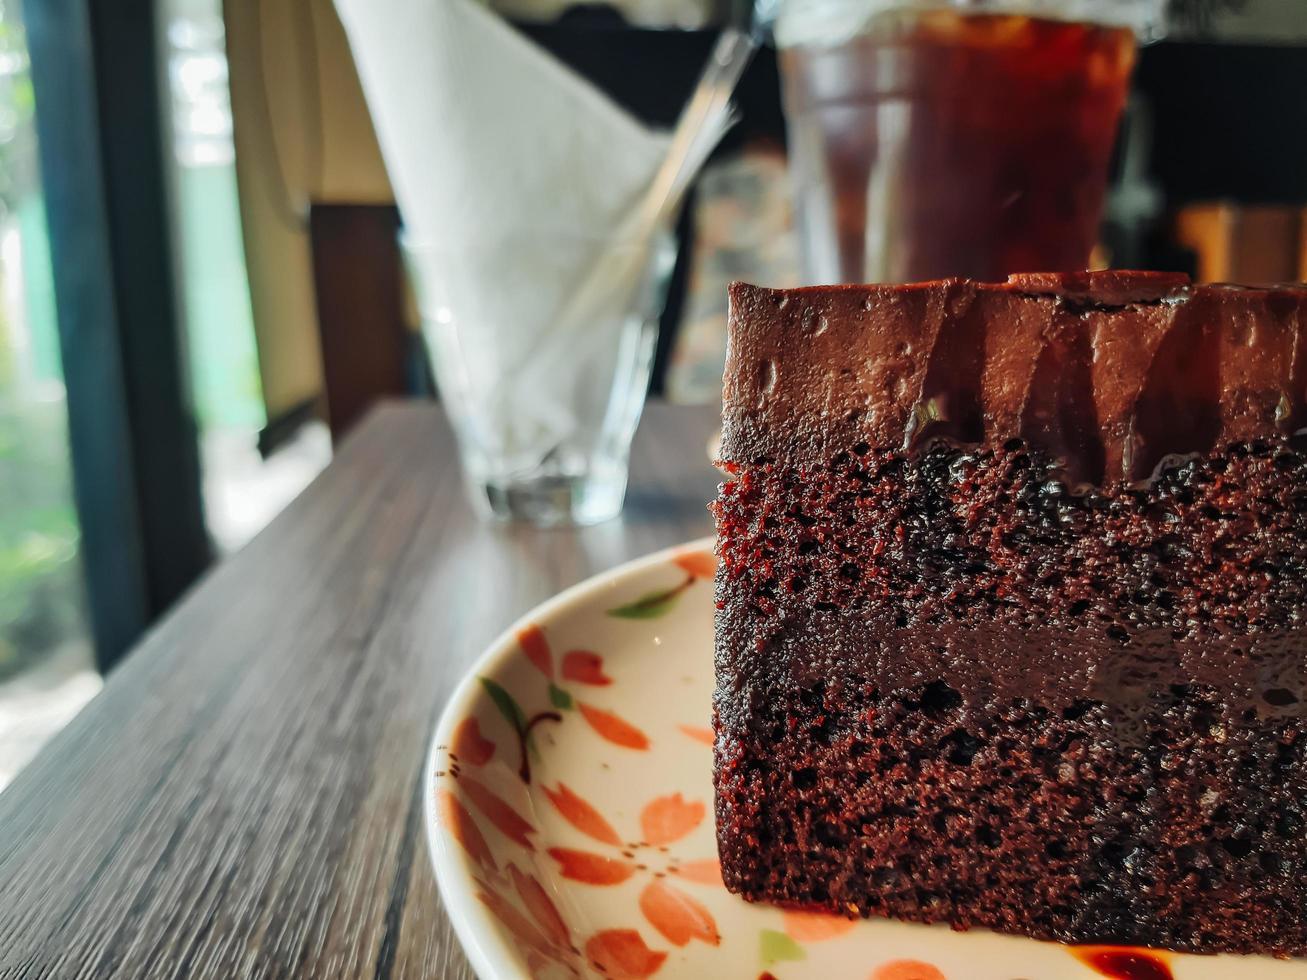 bord met plakje lekkere zelfgemaakte chocoladetaart op tafel, heerlijke chocoladetaart. fluitje van een cent op een bord. zoet eten. zoet dessert. detailopname. foto